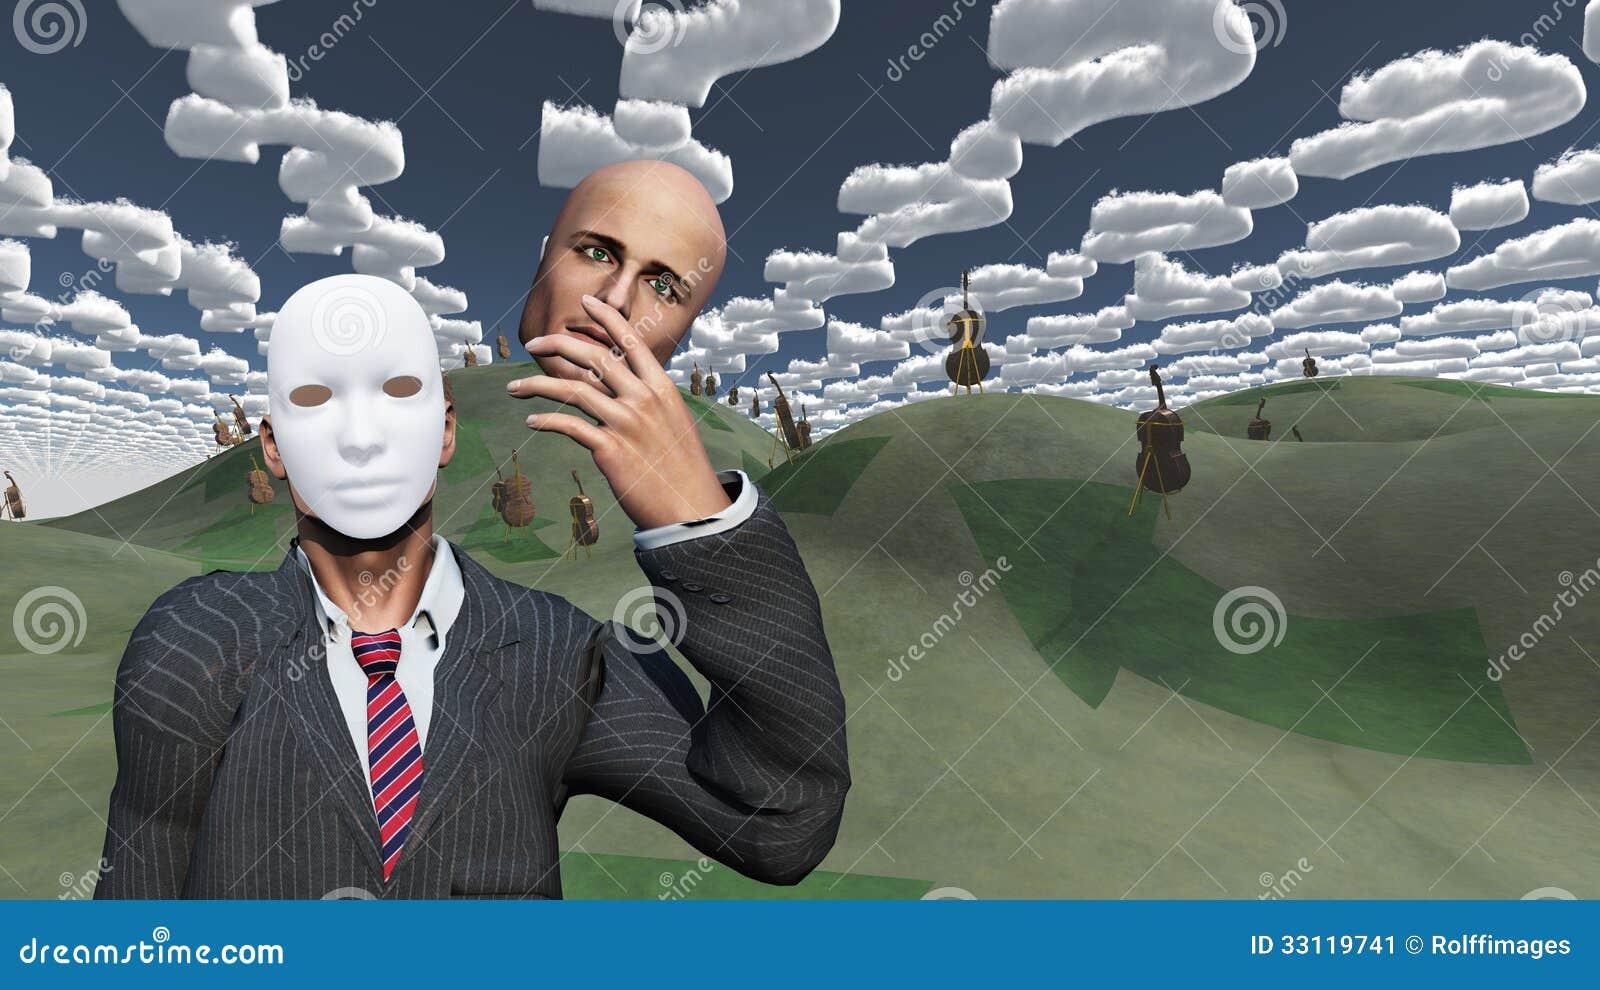 El hombre quita la cara para revelar la máscara debajo